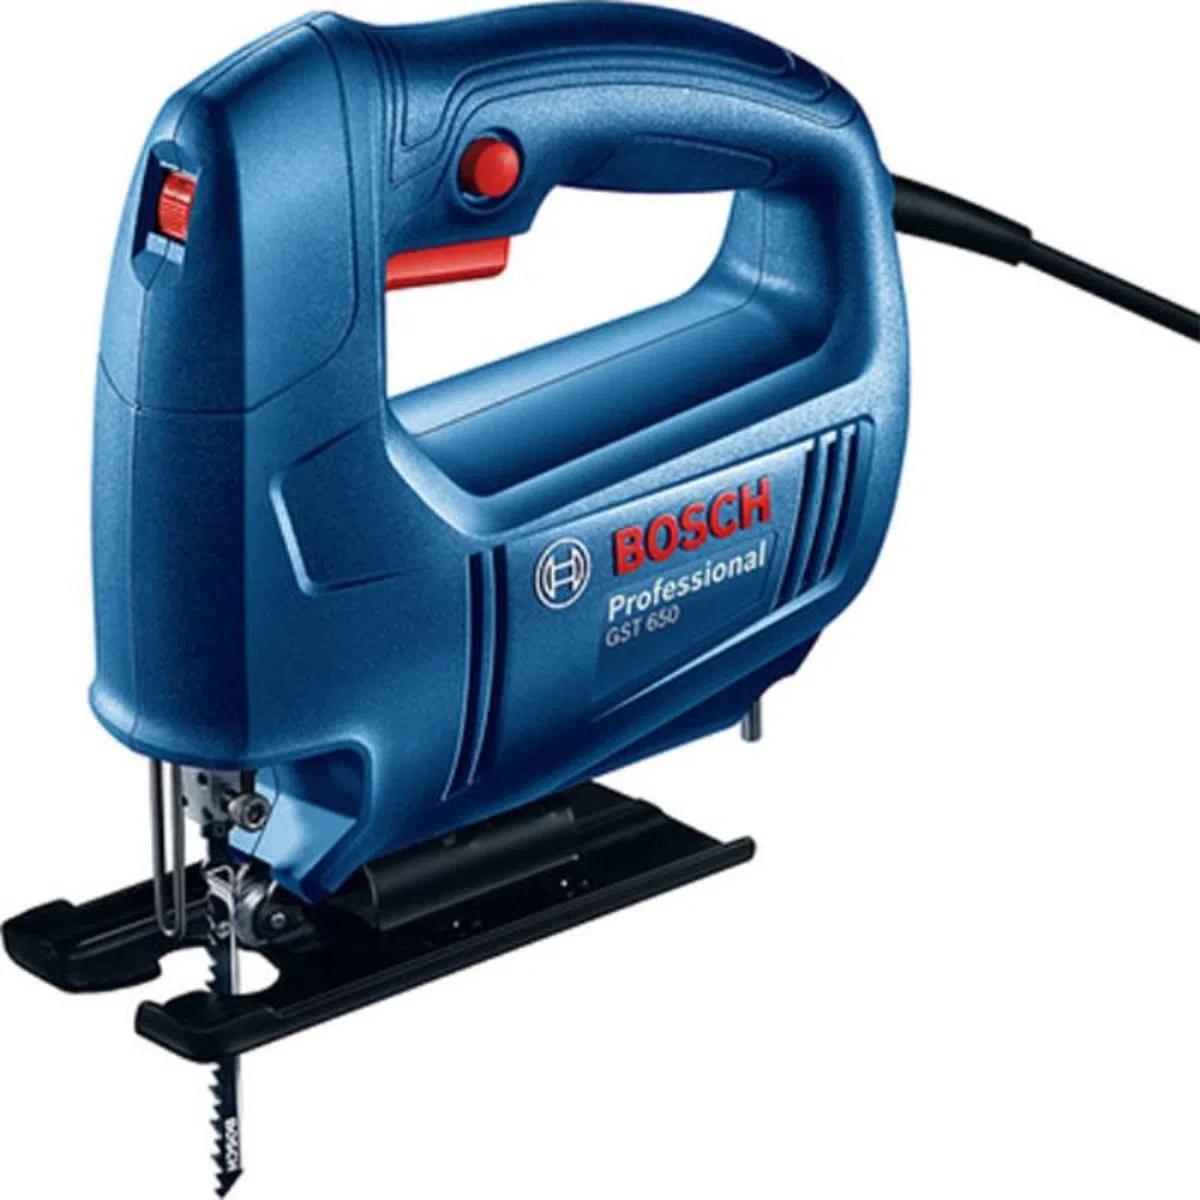 Serra Tico Tico GST 650 450W Bosch